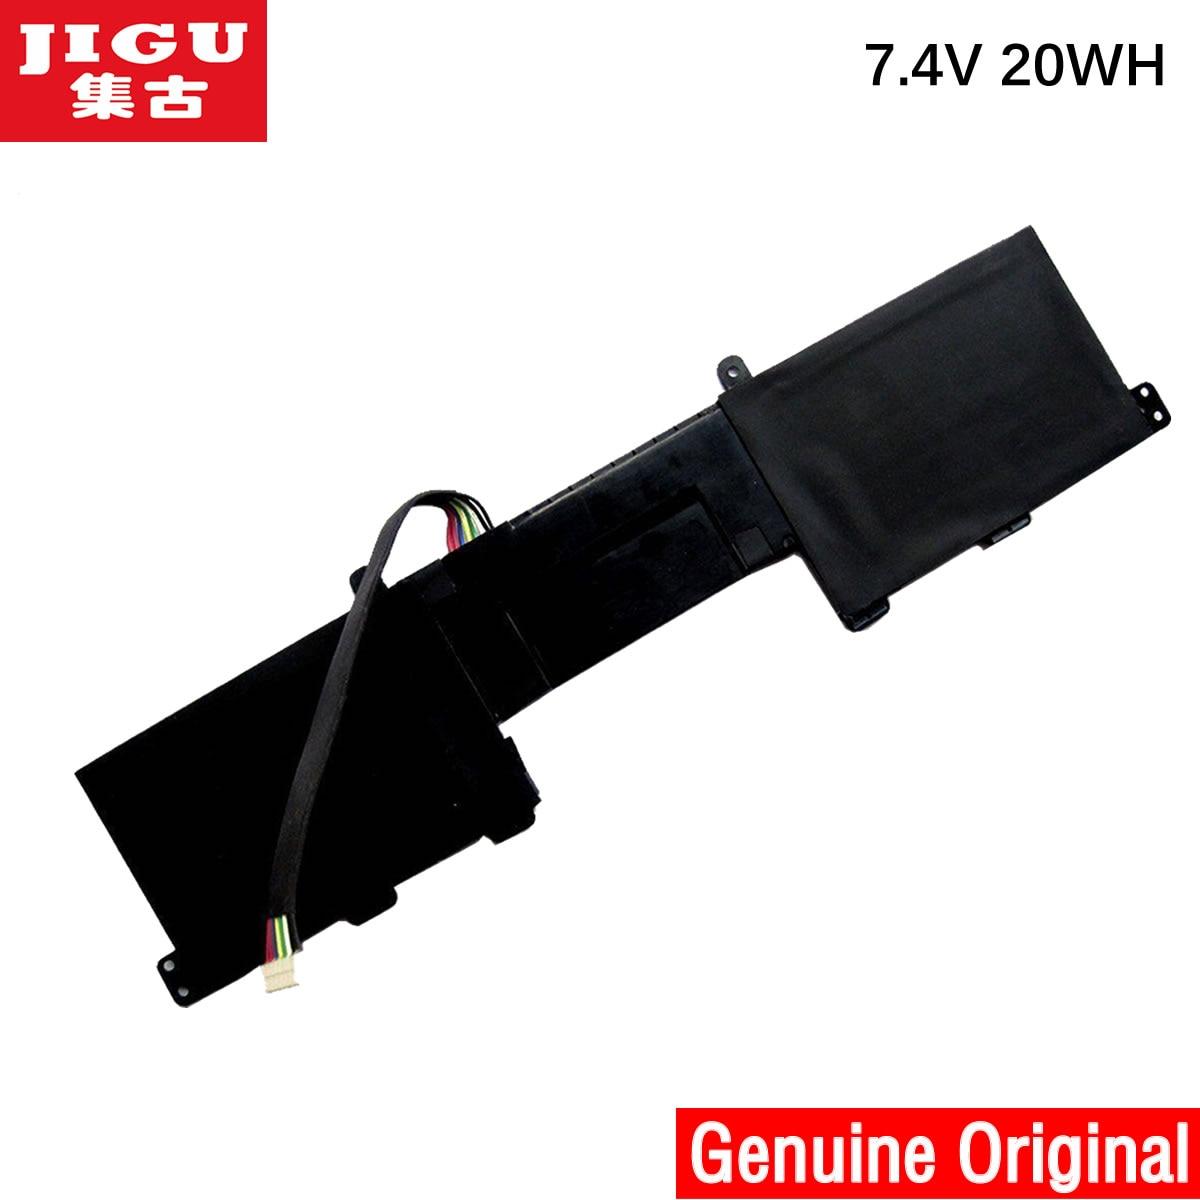 JIGU 7.4V 20WH الأصلي بطارية كمبيوتر محمول 0FRVYX TM9HP FRVYX لديل خط العرض 13 7350